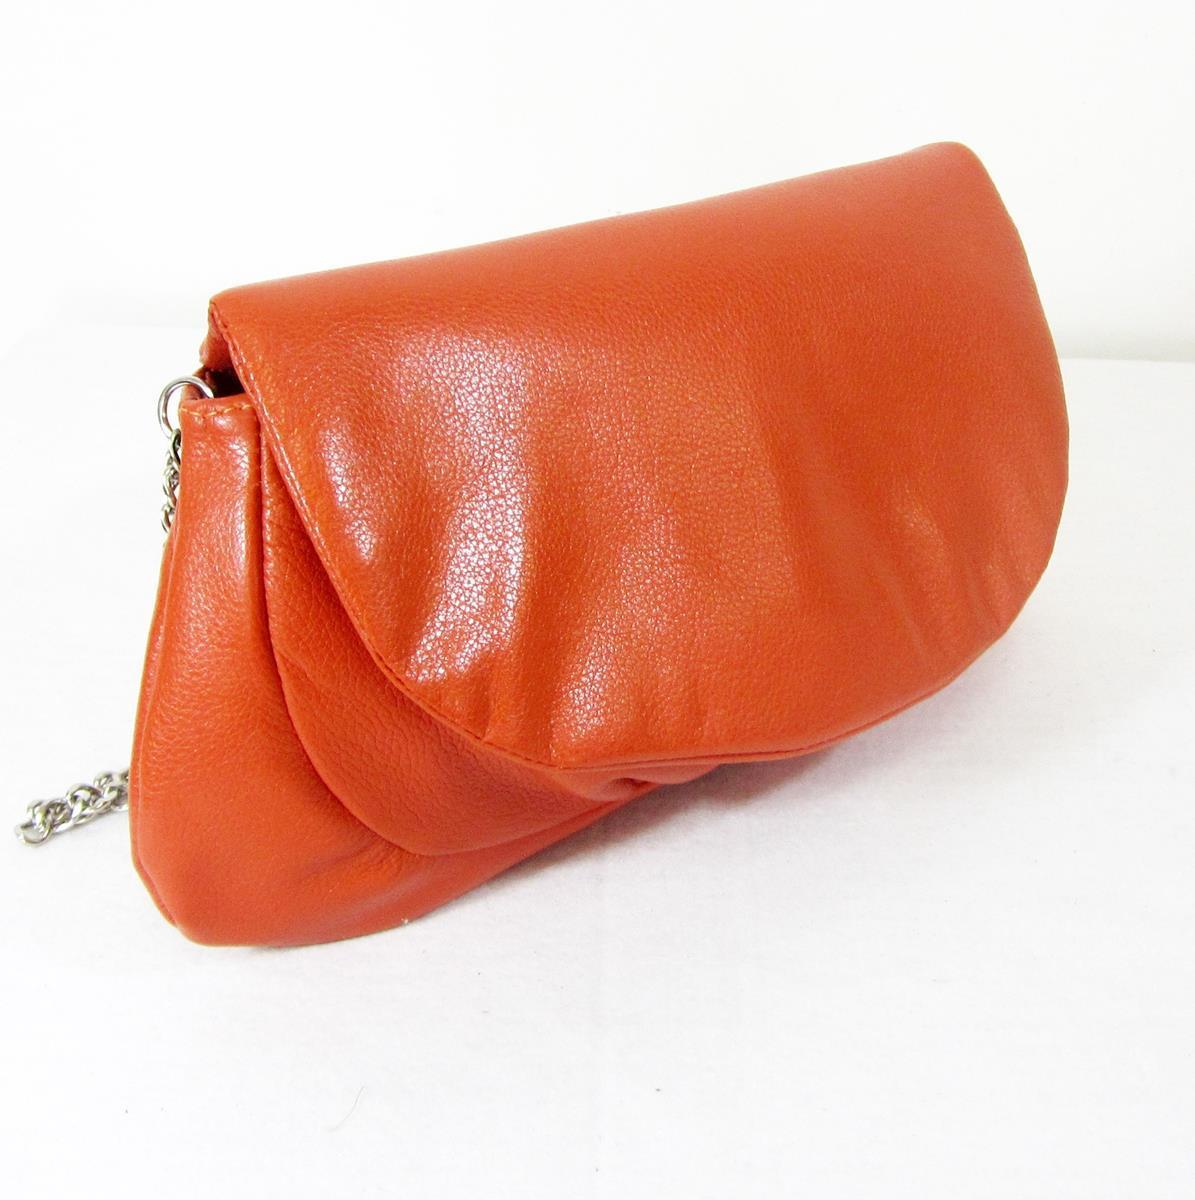 f20d8e3dd Bolsa de couro transversal laranja - alça de corrente maria adna R$ 180,00  à vista. Adicionar à sacola